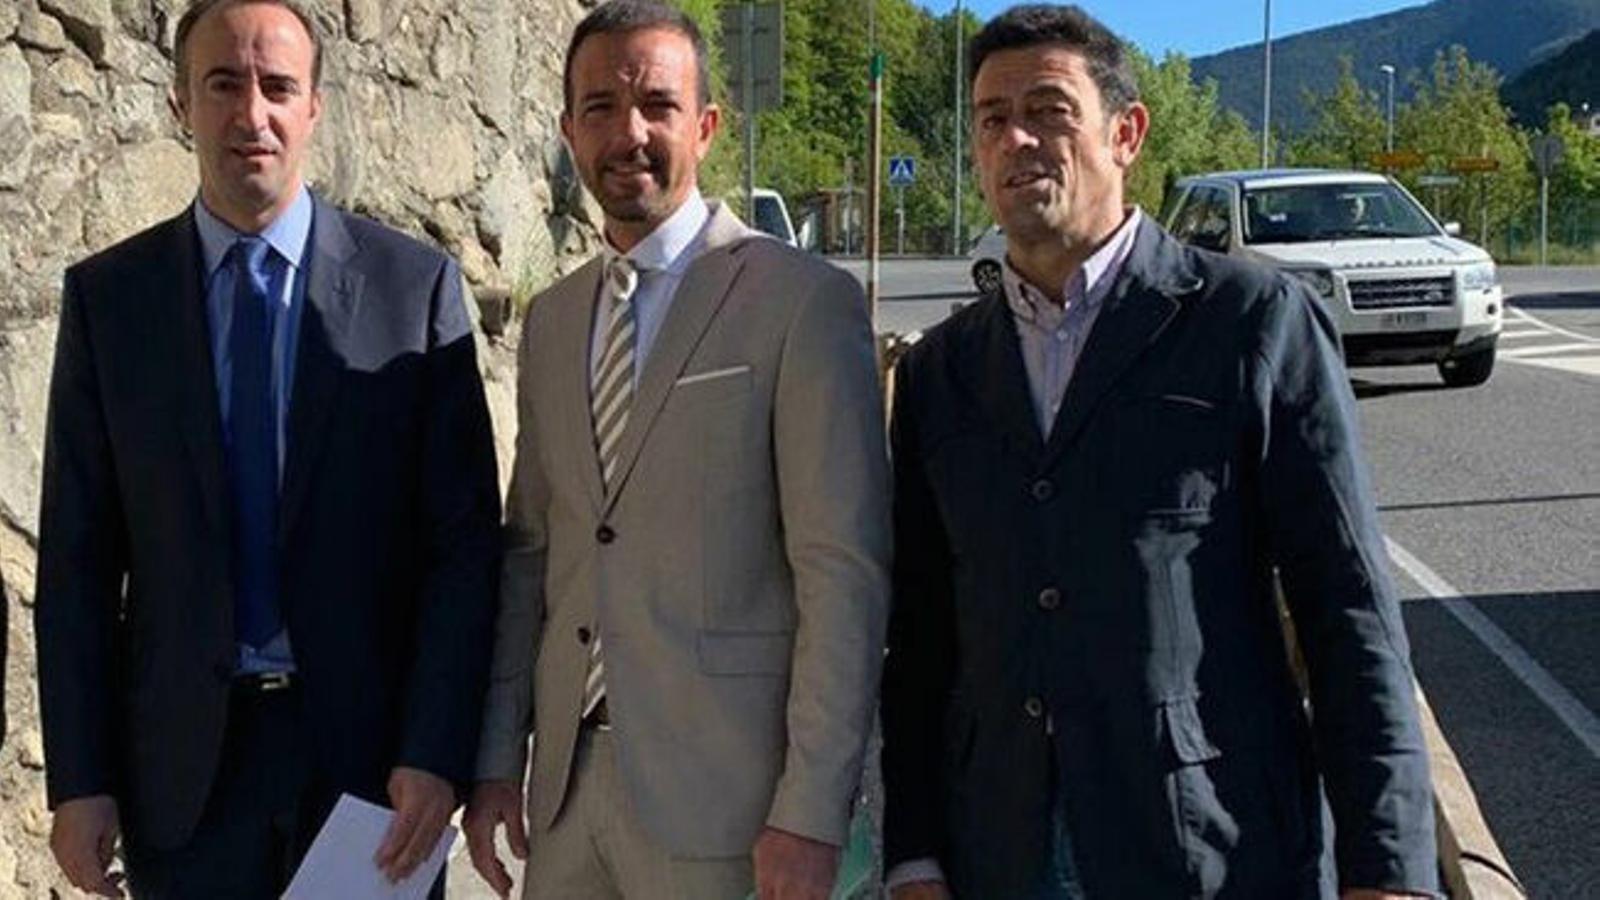 Els cònsols majors de la Massana i Ordino, David Baró i Josep Àngel Mortés, amb el ministre d'Ordenament Territorial, Jordi Torres, en la presentació del carril. / TWITTER MOBILITAT